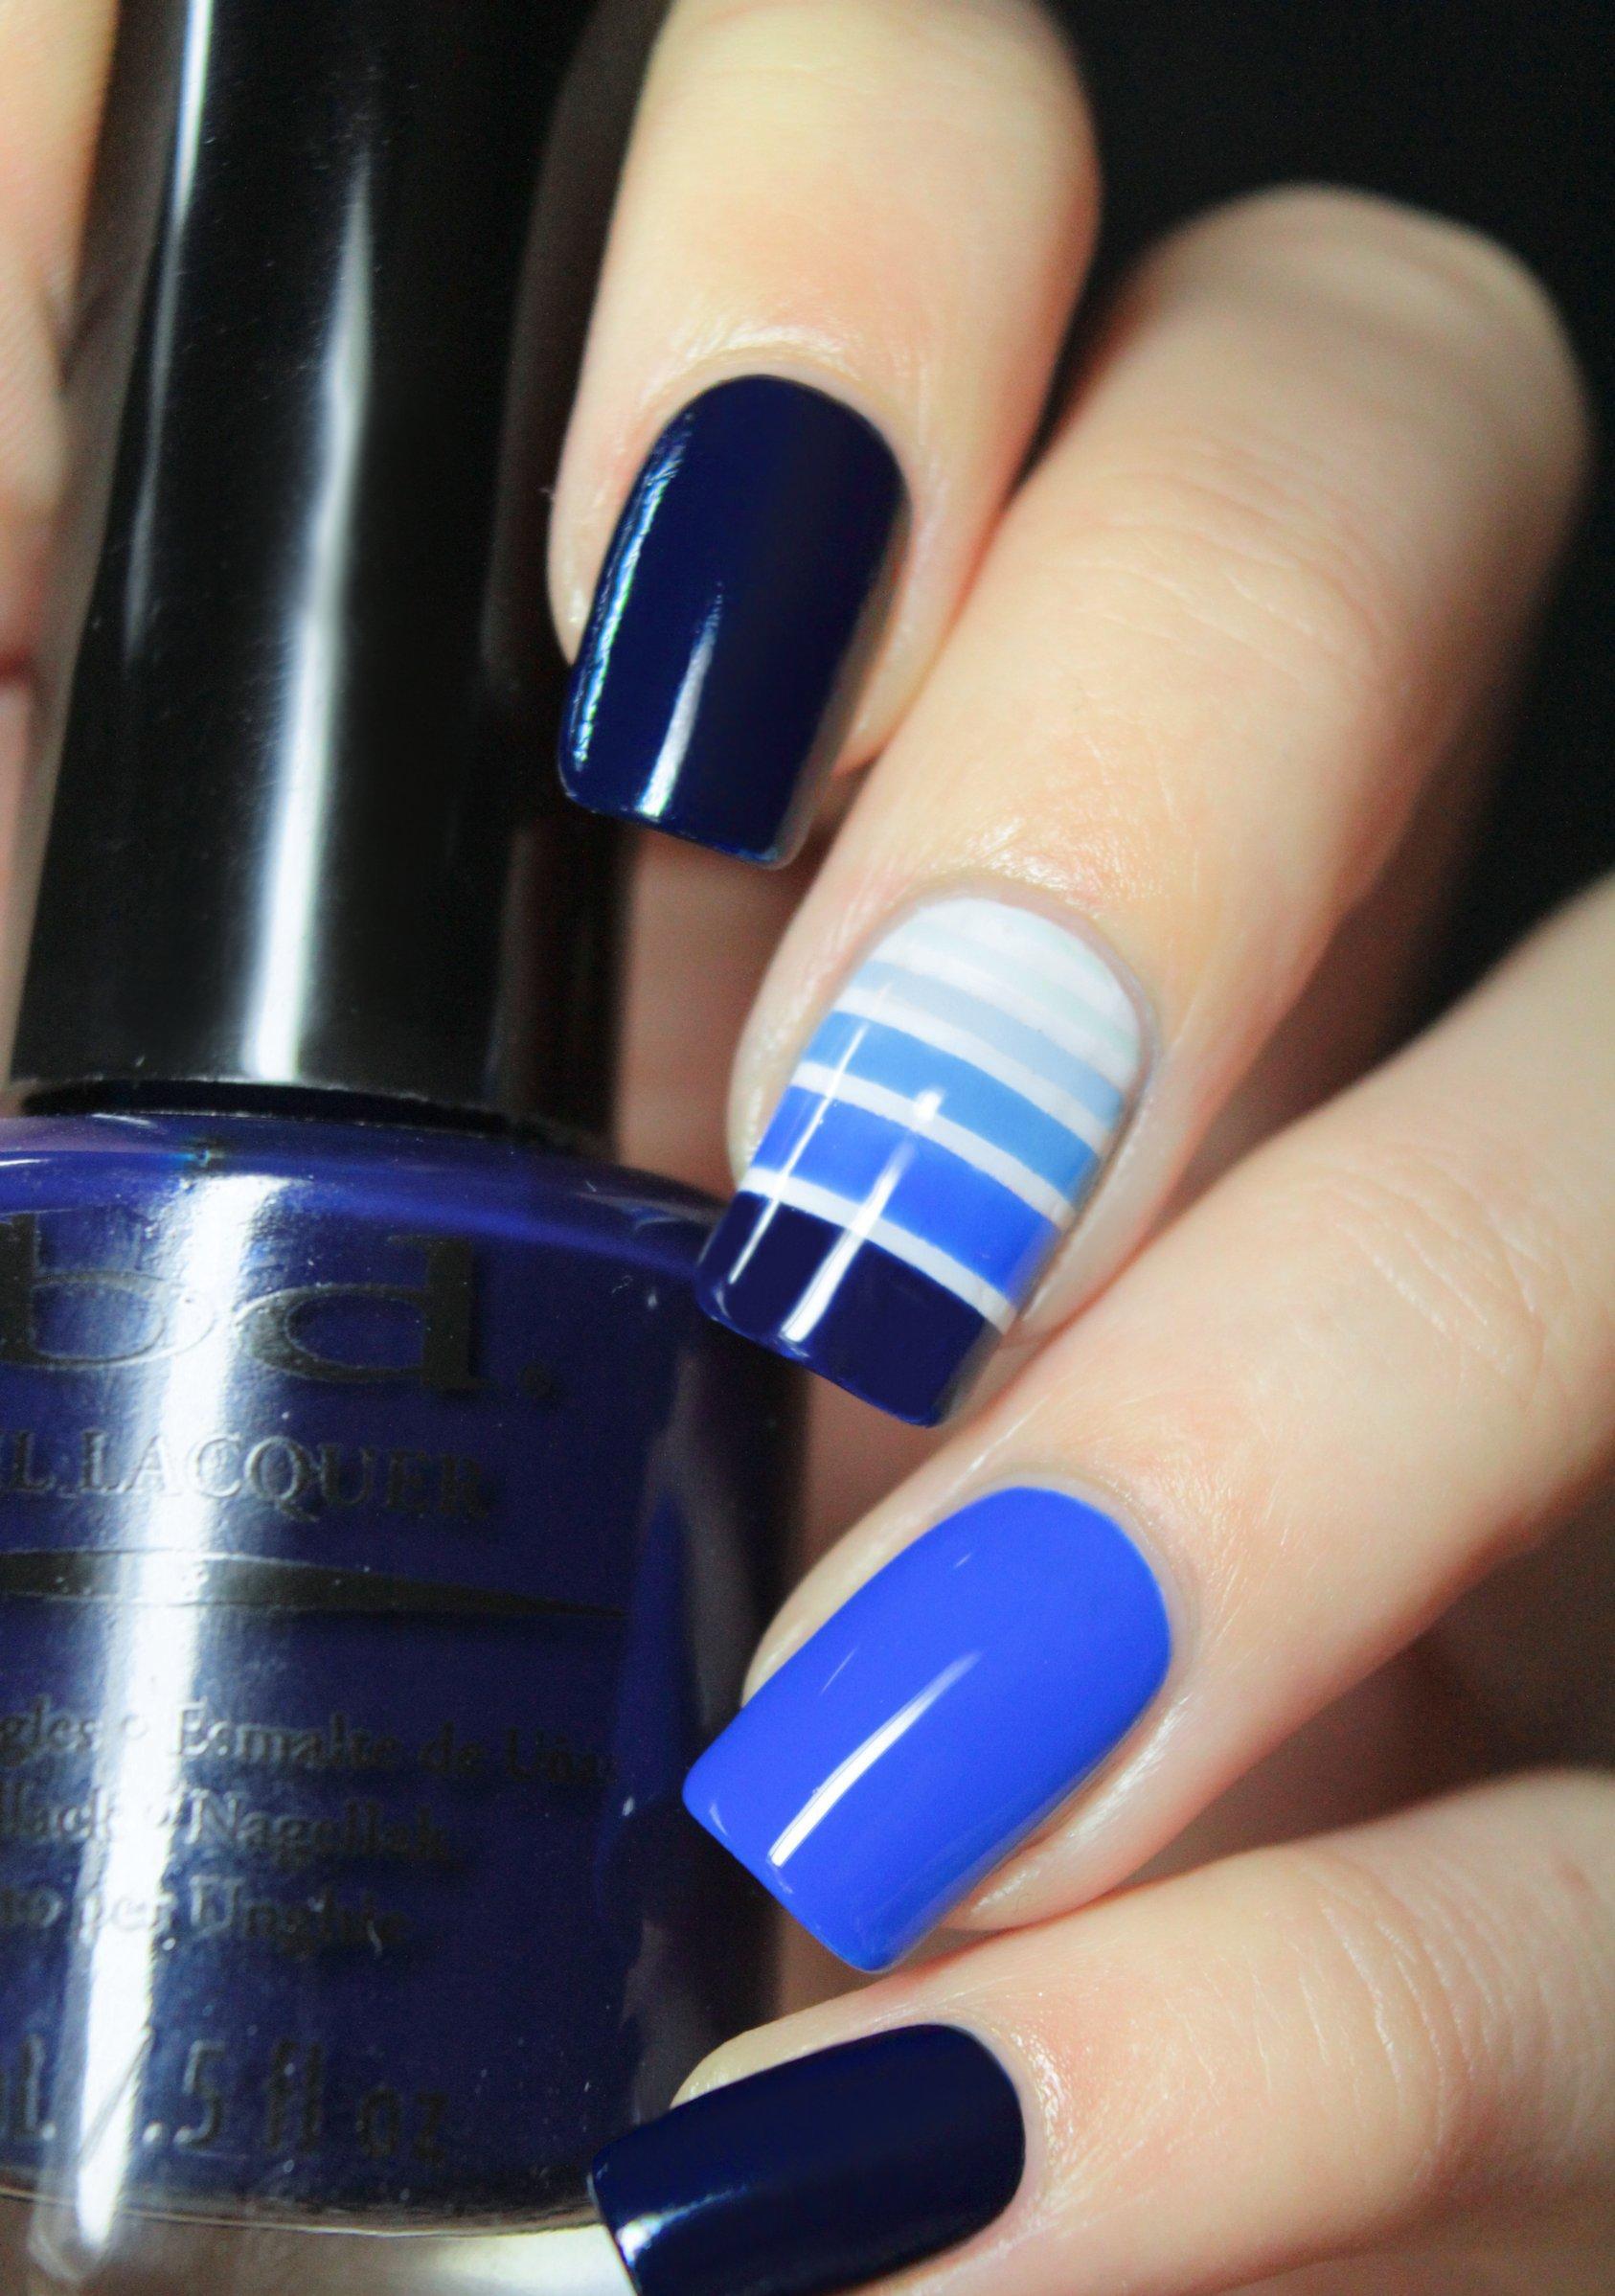 Dise os para decorar tus u as con tonalidades de color azul for Disenos para decorar unas